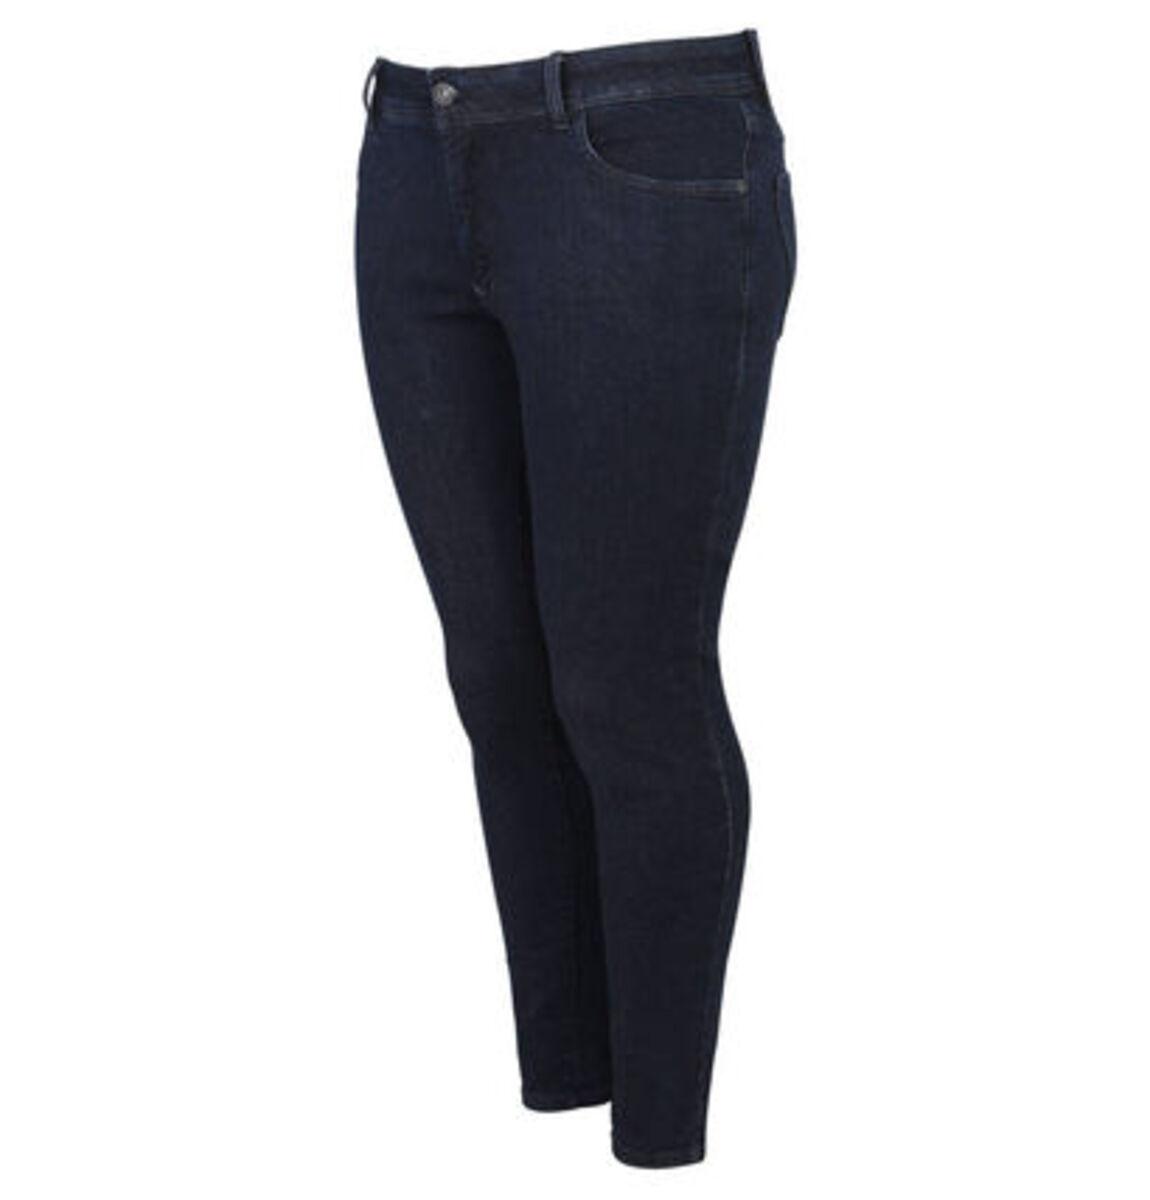 Bild 2 von My True Me Jeans, Skinny Fit, Five-Pocket-Design, große Größen, für Damen